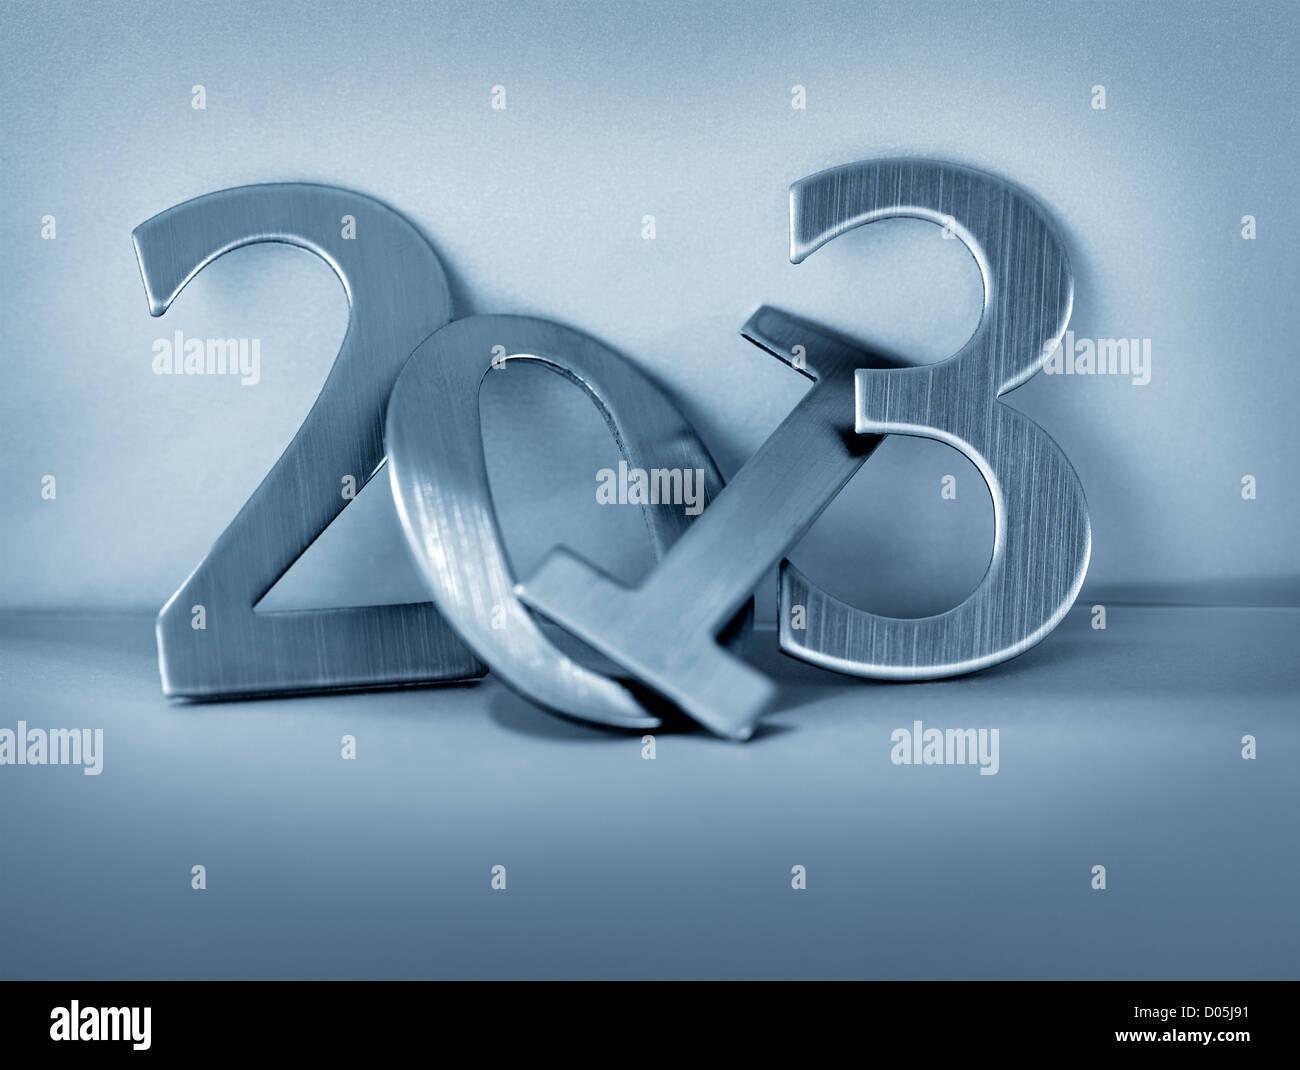 Números metálicos para el año 2013. Poca profundidad de campo. Nota: El fondo puede aparecer granulada, Imagen De Stock